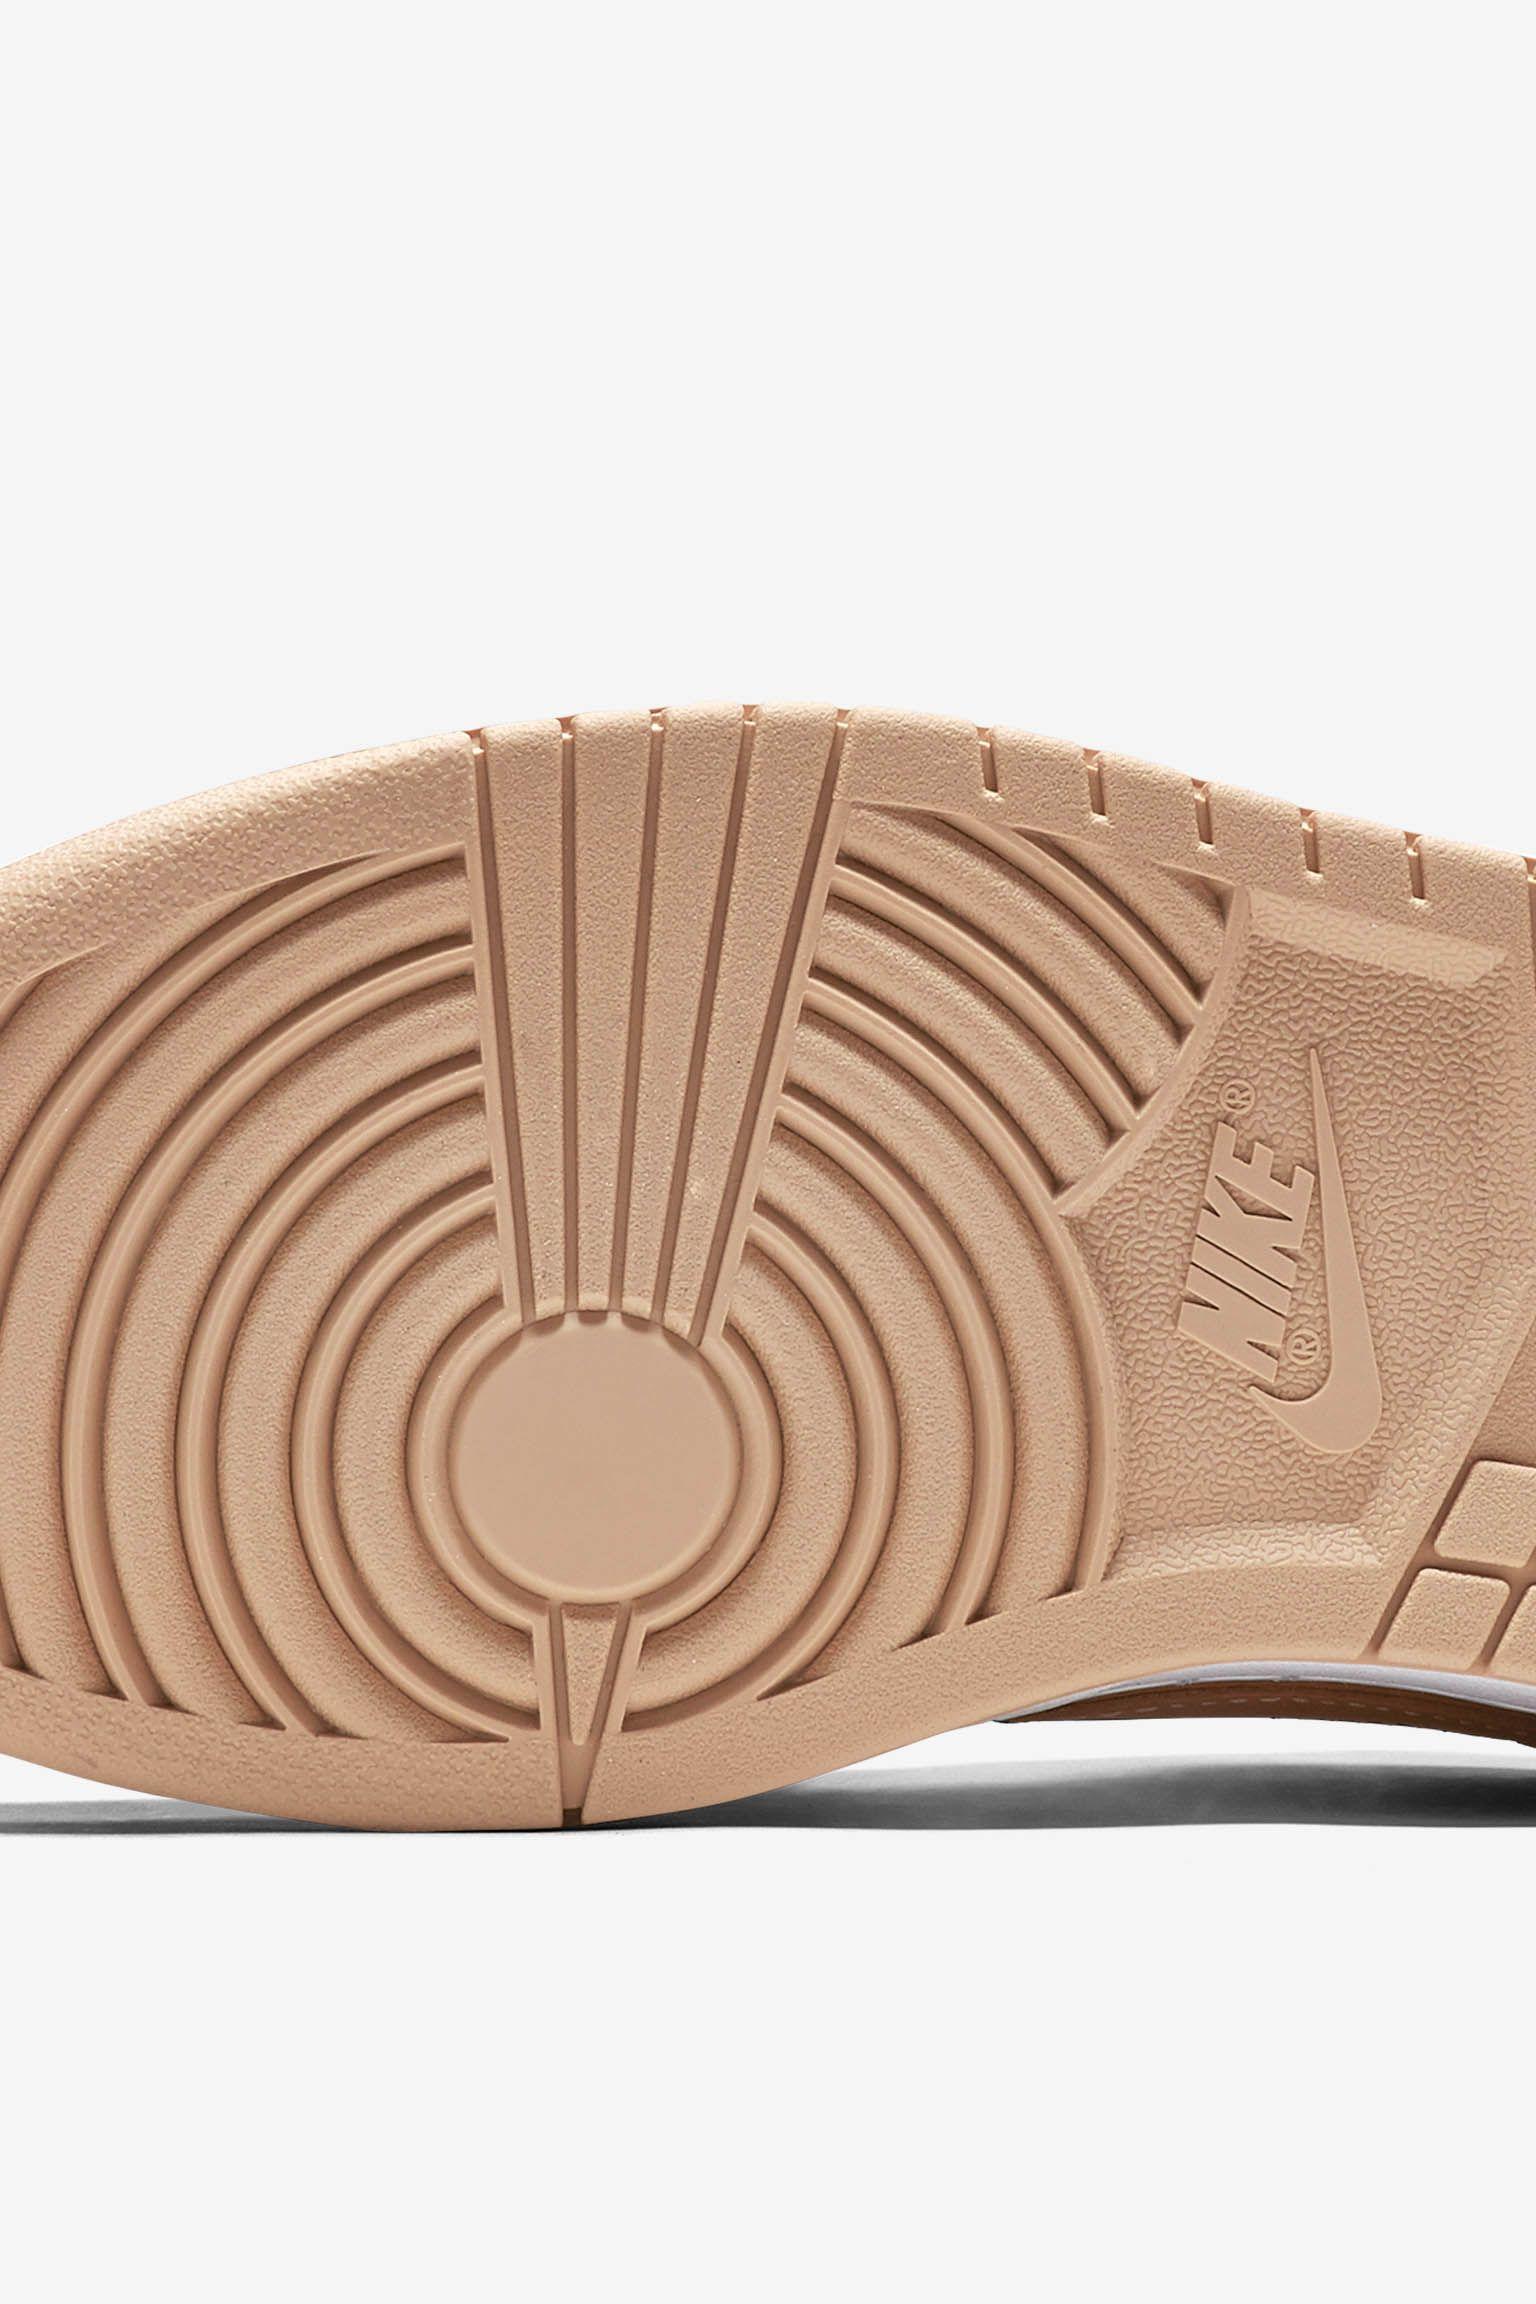 NikeLab Dunk Lux Low 'Vachetta Tan'